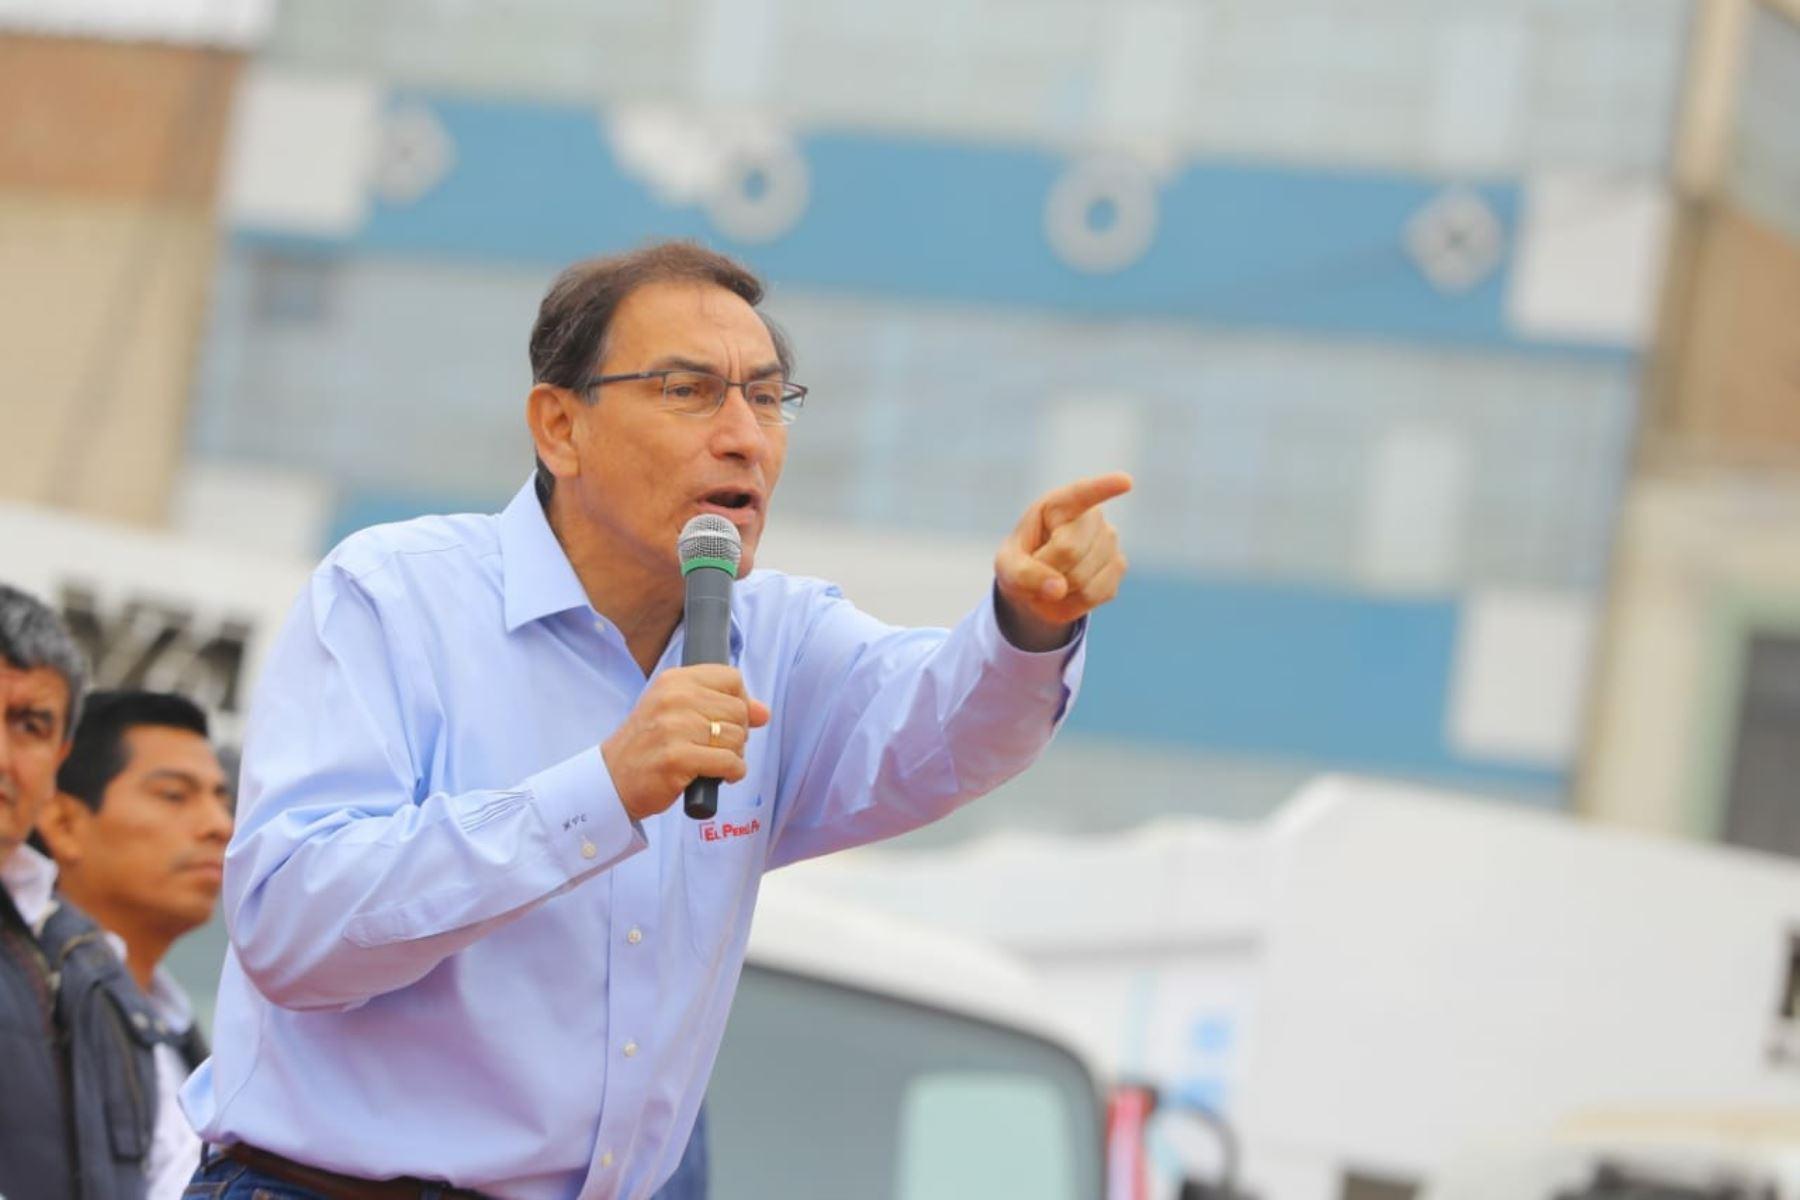 El presidente Martín en una ceremonia en el distrito de José Leonardo Ortiz, provincia de Chiclayo, región Lambayeque. Foto: ANDINA/Prensa Presidencia